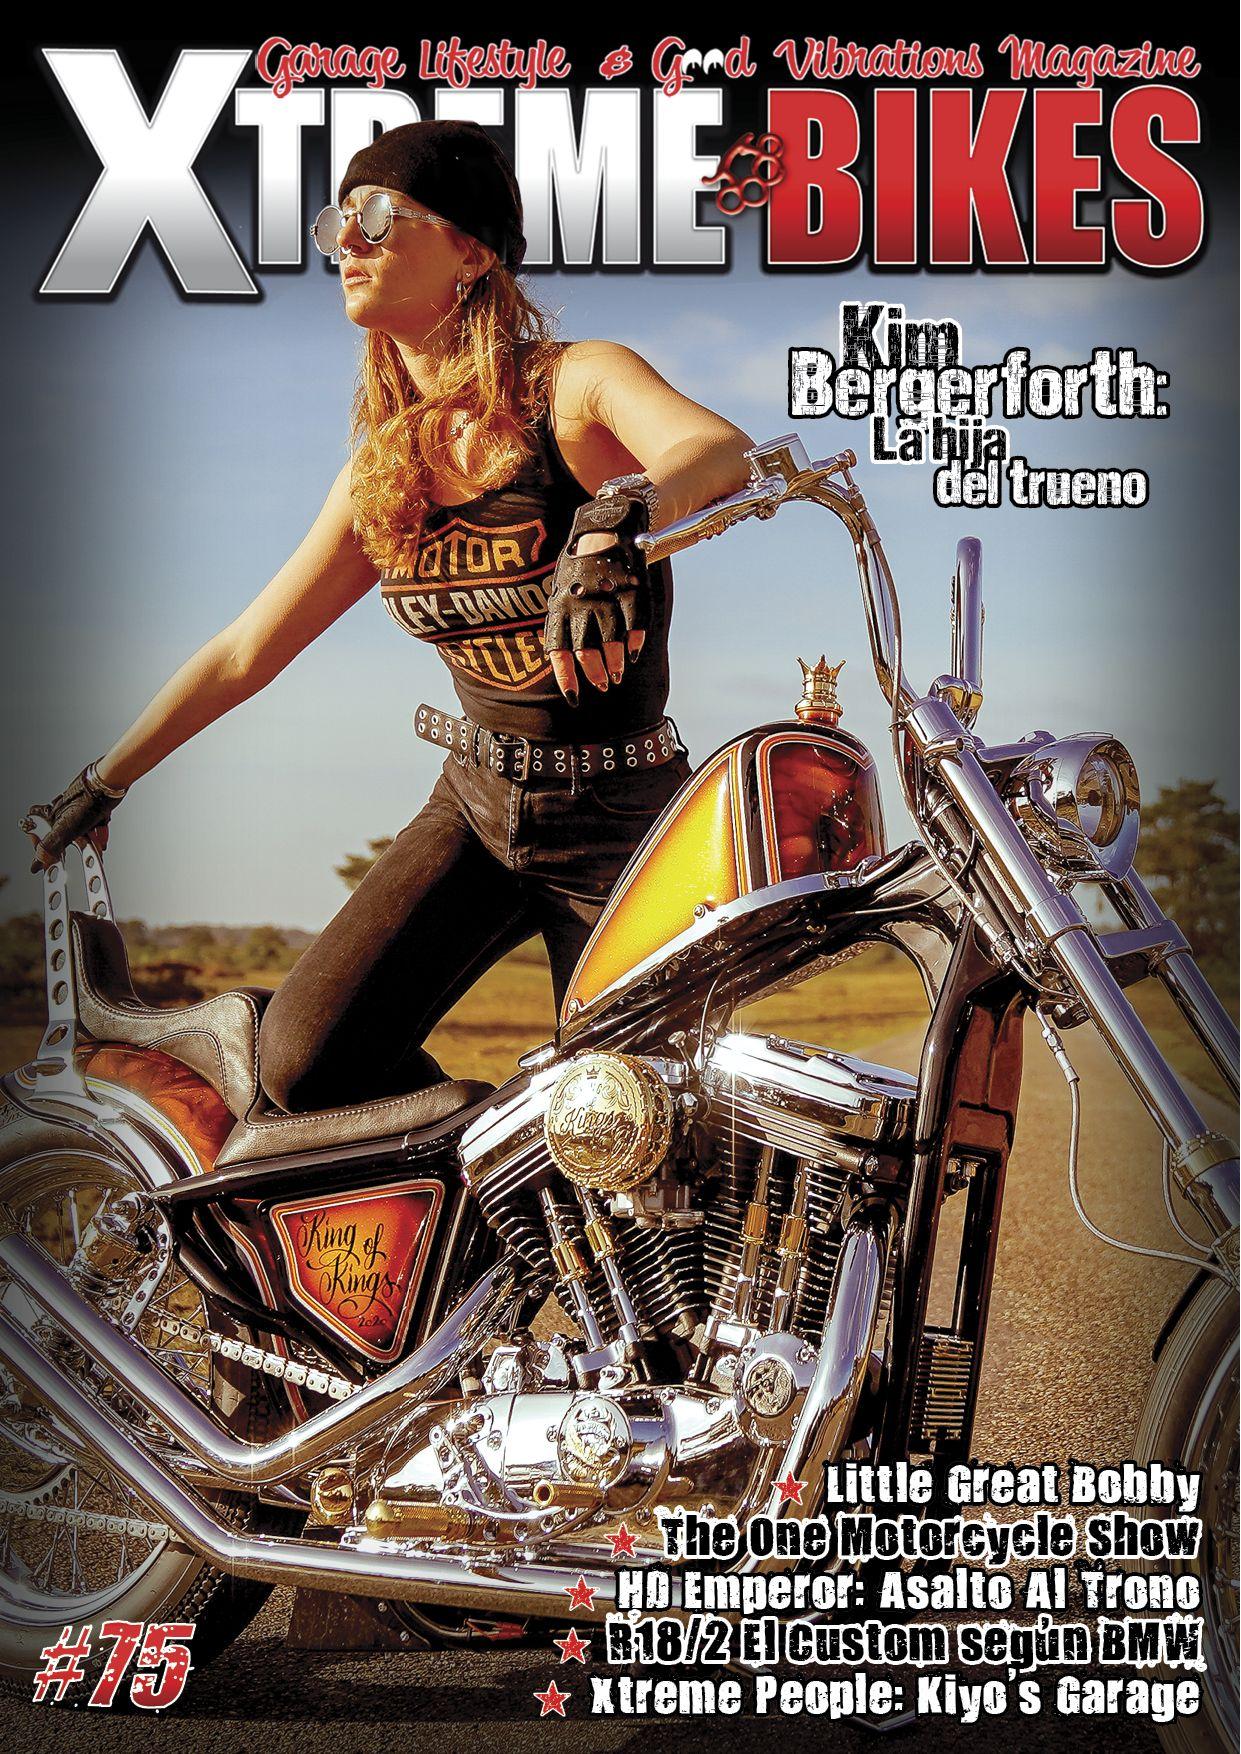 Xtreme Bikes #75